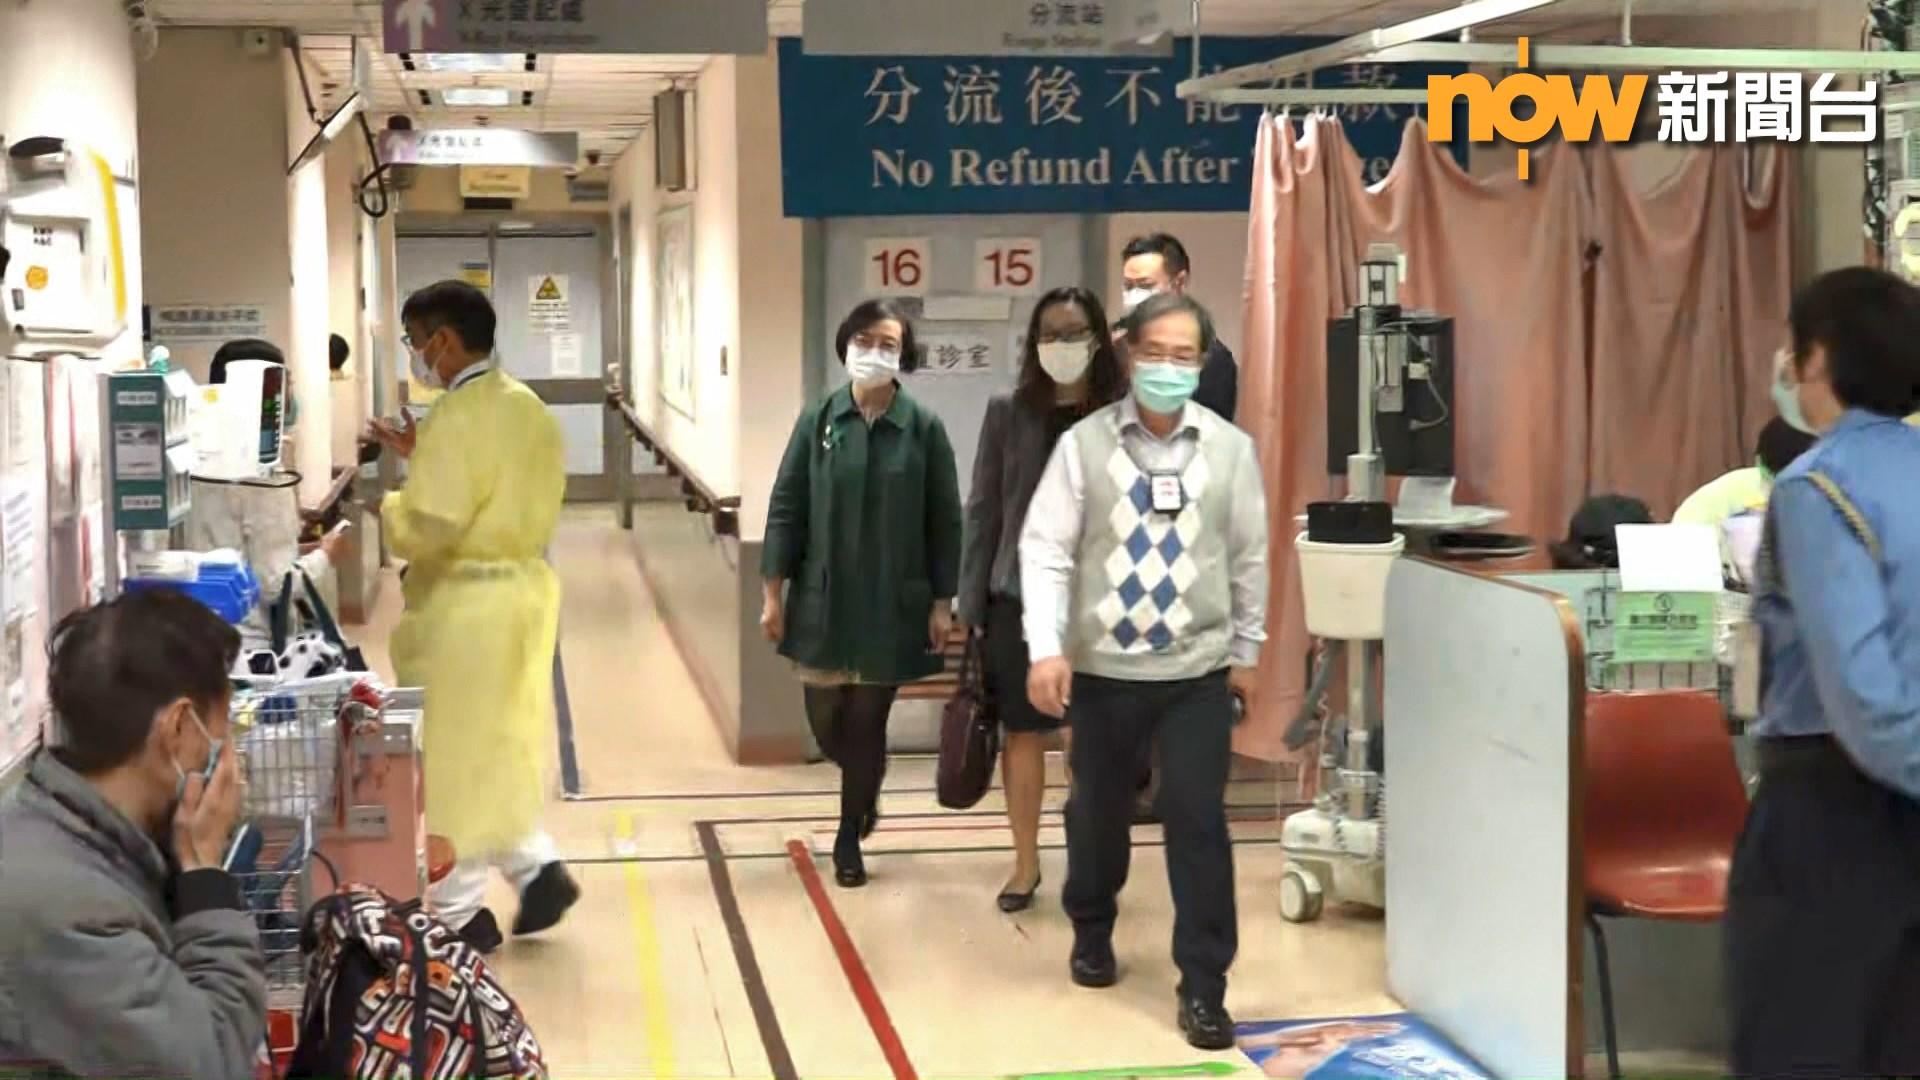 西九龍車禍 其中12名傷者已出院